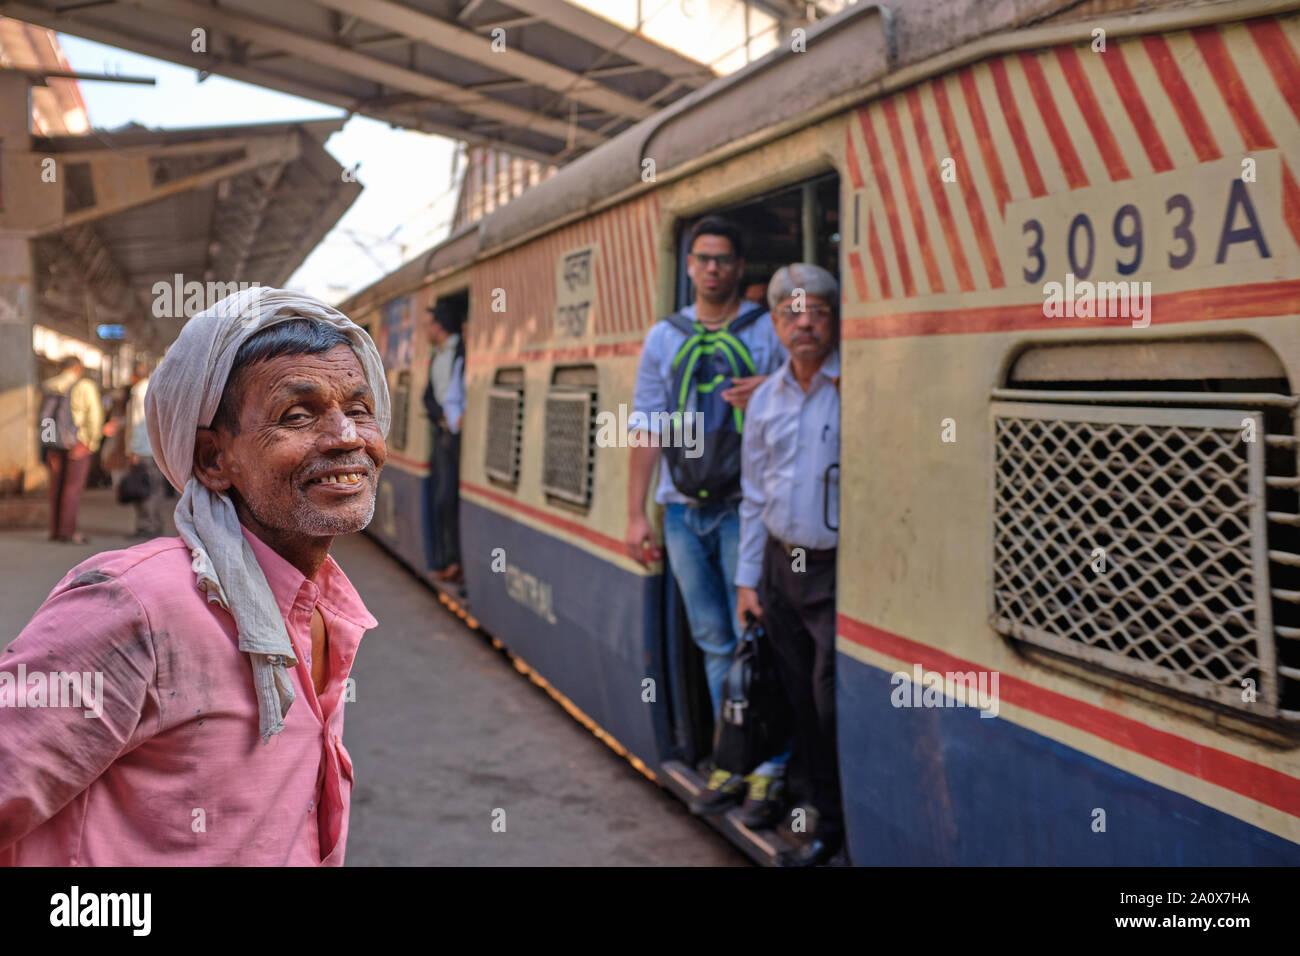 Un heureux porteur de Maharaj Chhatrapati Shivaji Terminus (CSMT) à Mumbai, Inde, en attente de l'arrivée d'un train local pour transférer ses biens Banque D'Images